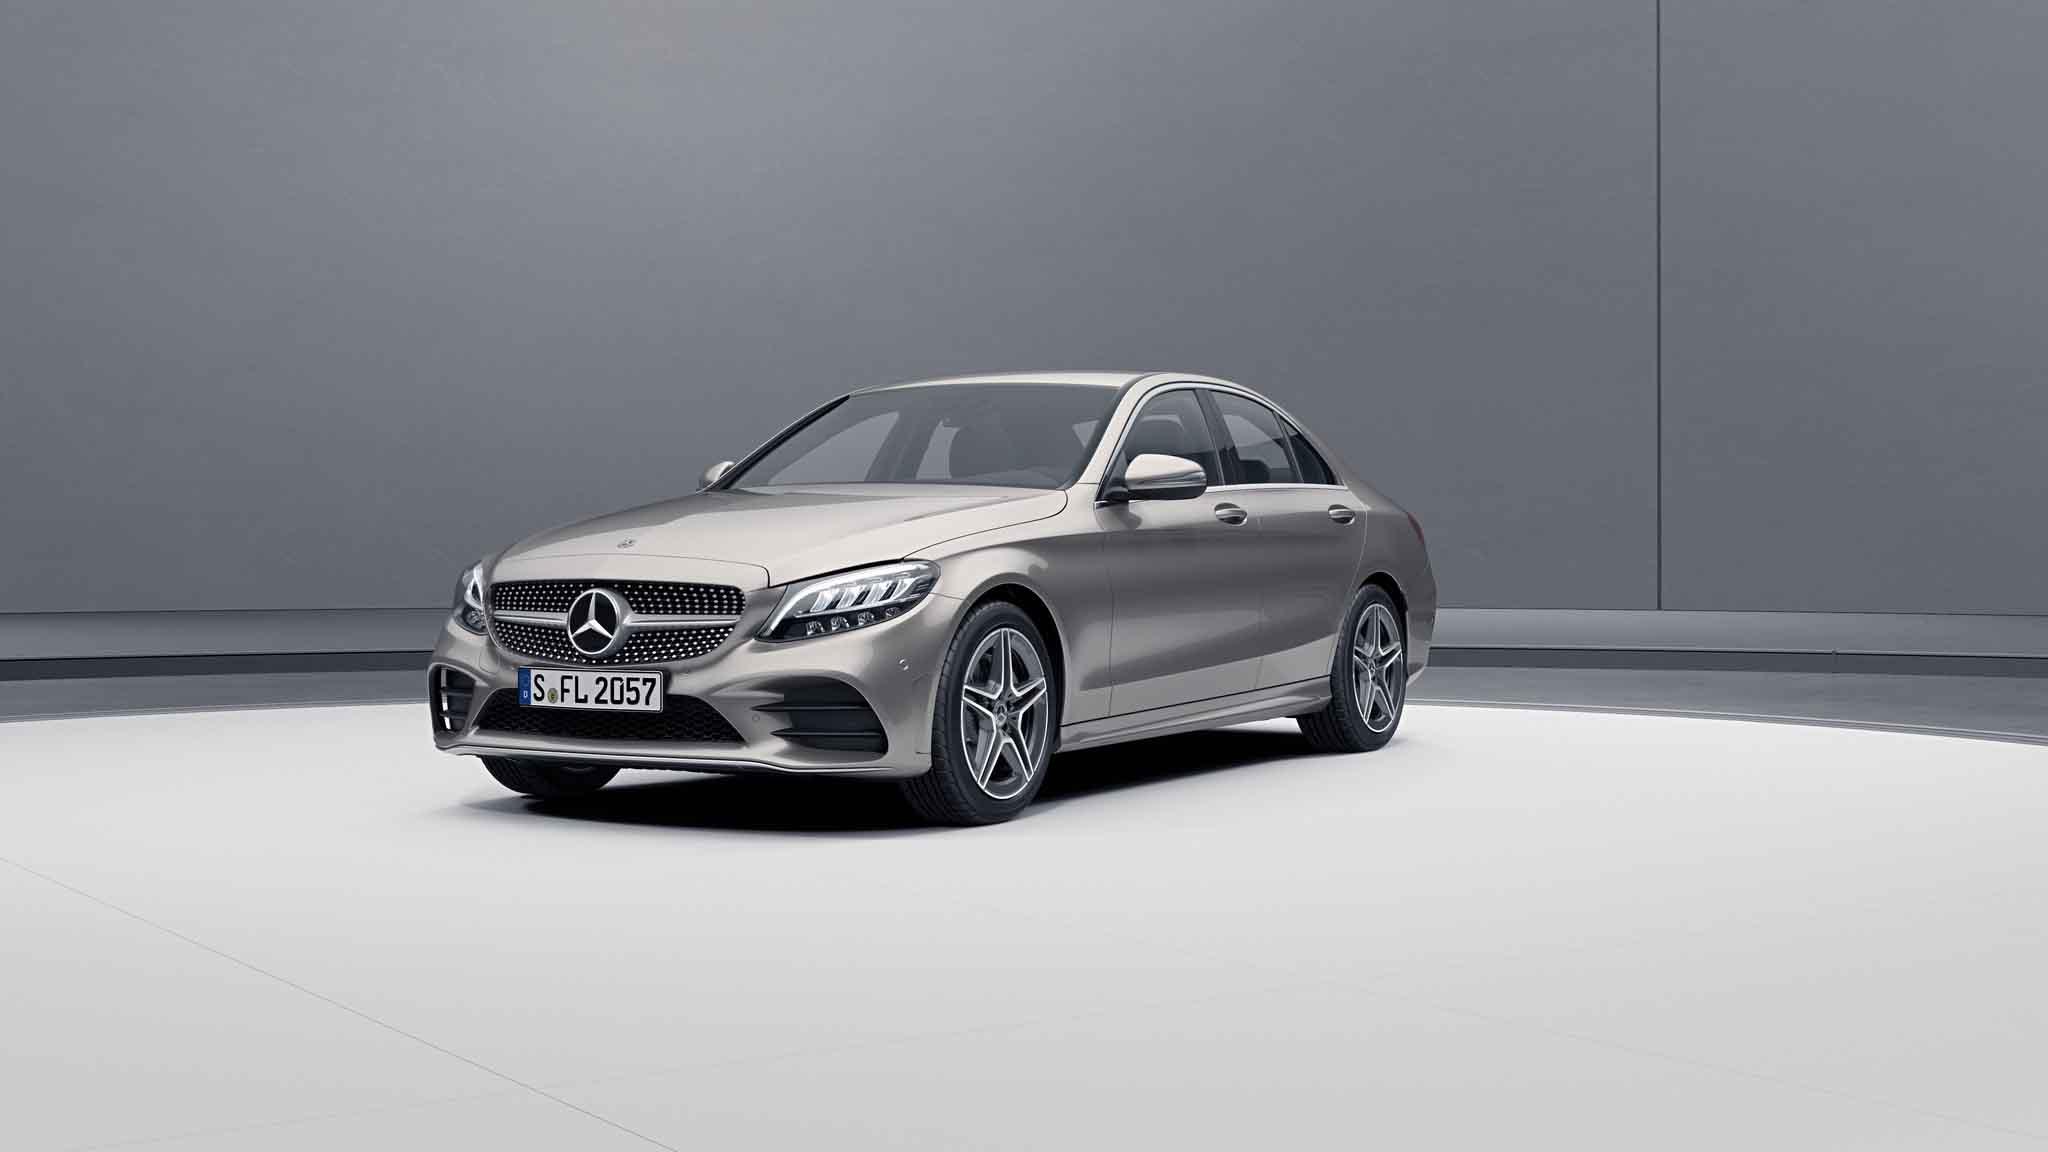 Vue de trois quarts de profil de la Mercedes-Benz Classe C Berline avec la peinture Métallisé - argent Mojave